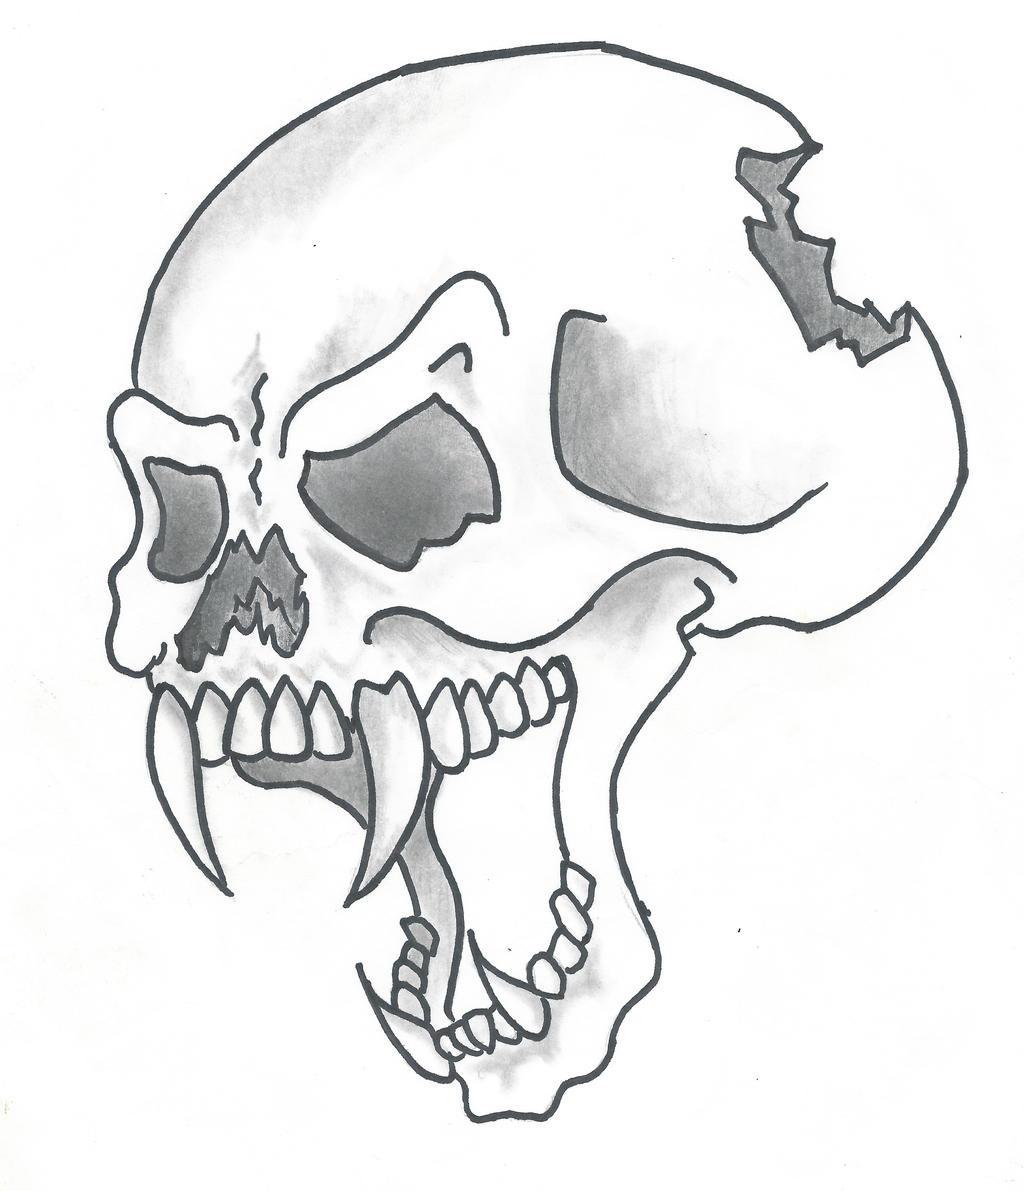 Simple Skull Line Art : Cartoon style skull by sticksnstones on deviantart